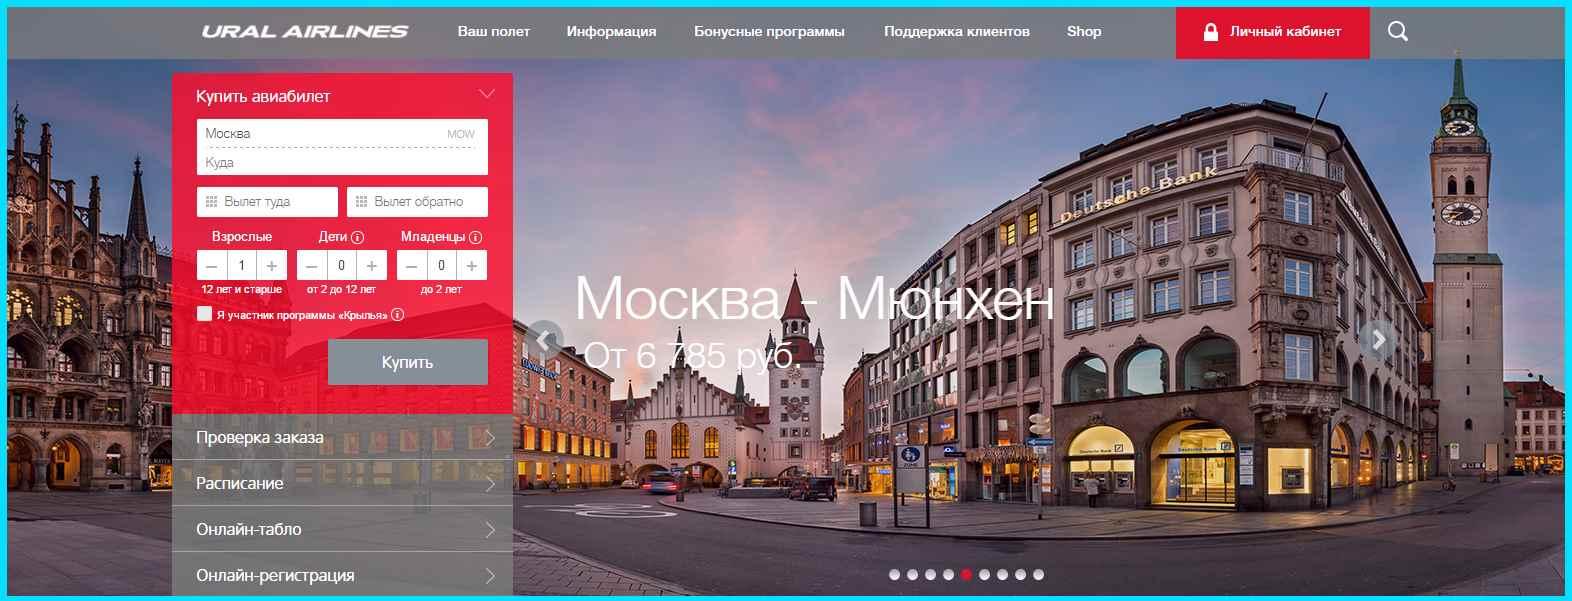 официальный сайт Уральских авиалиний